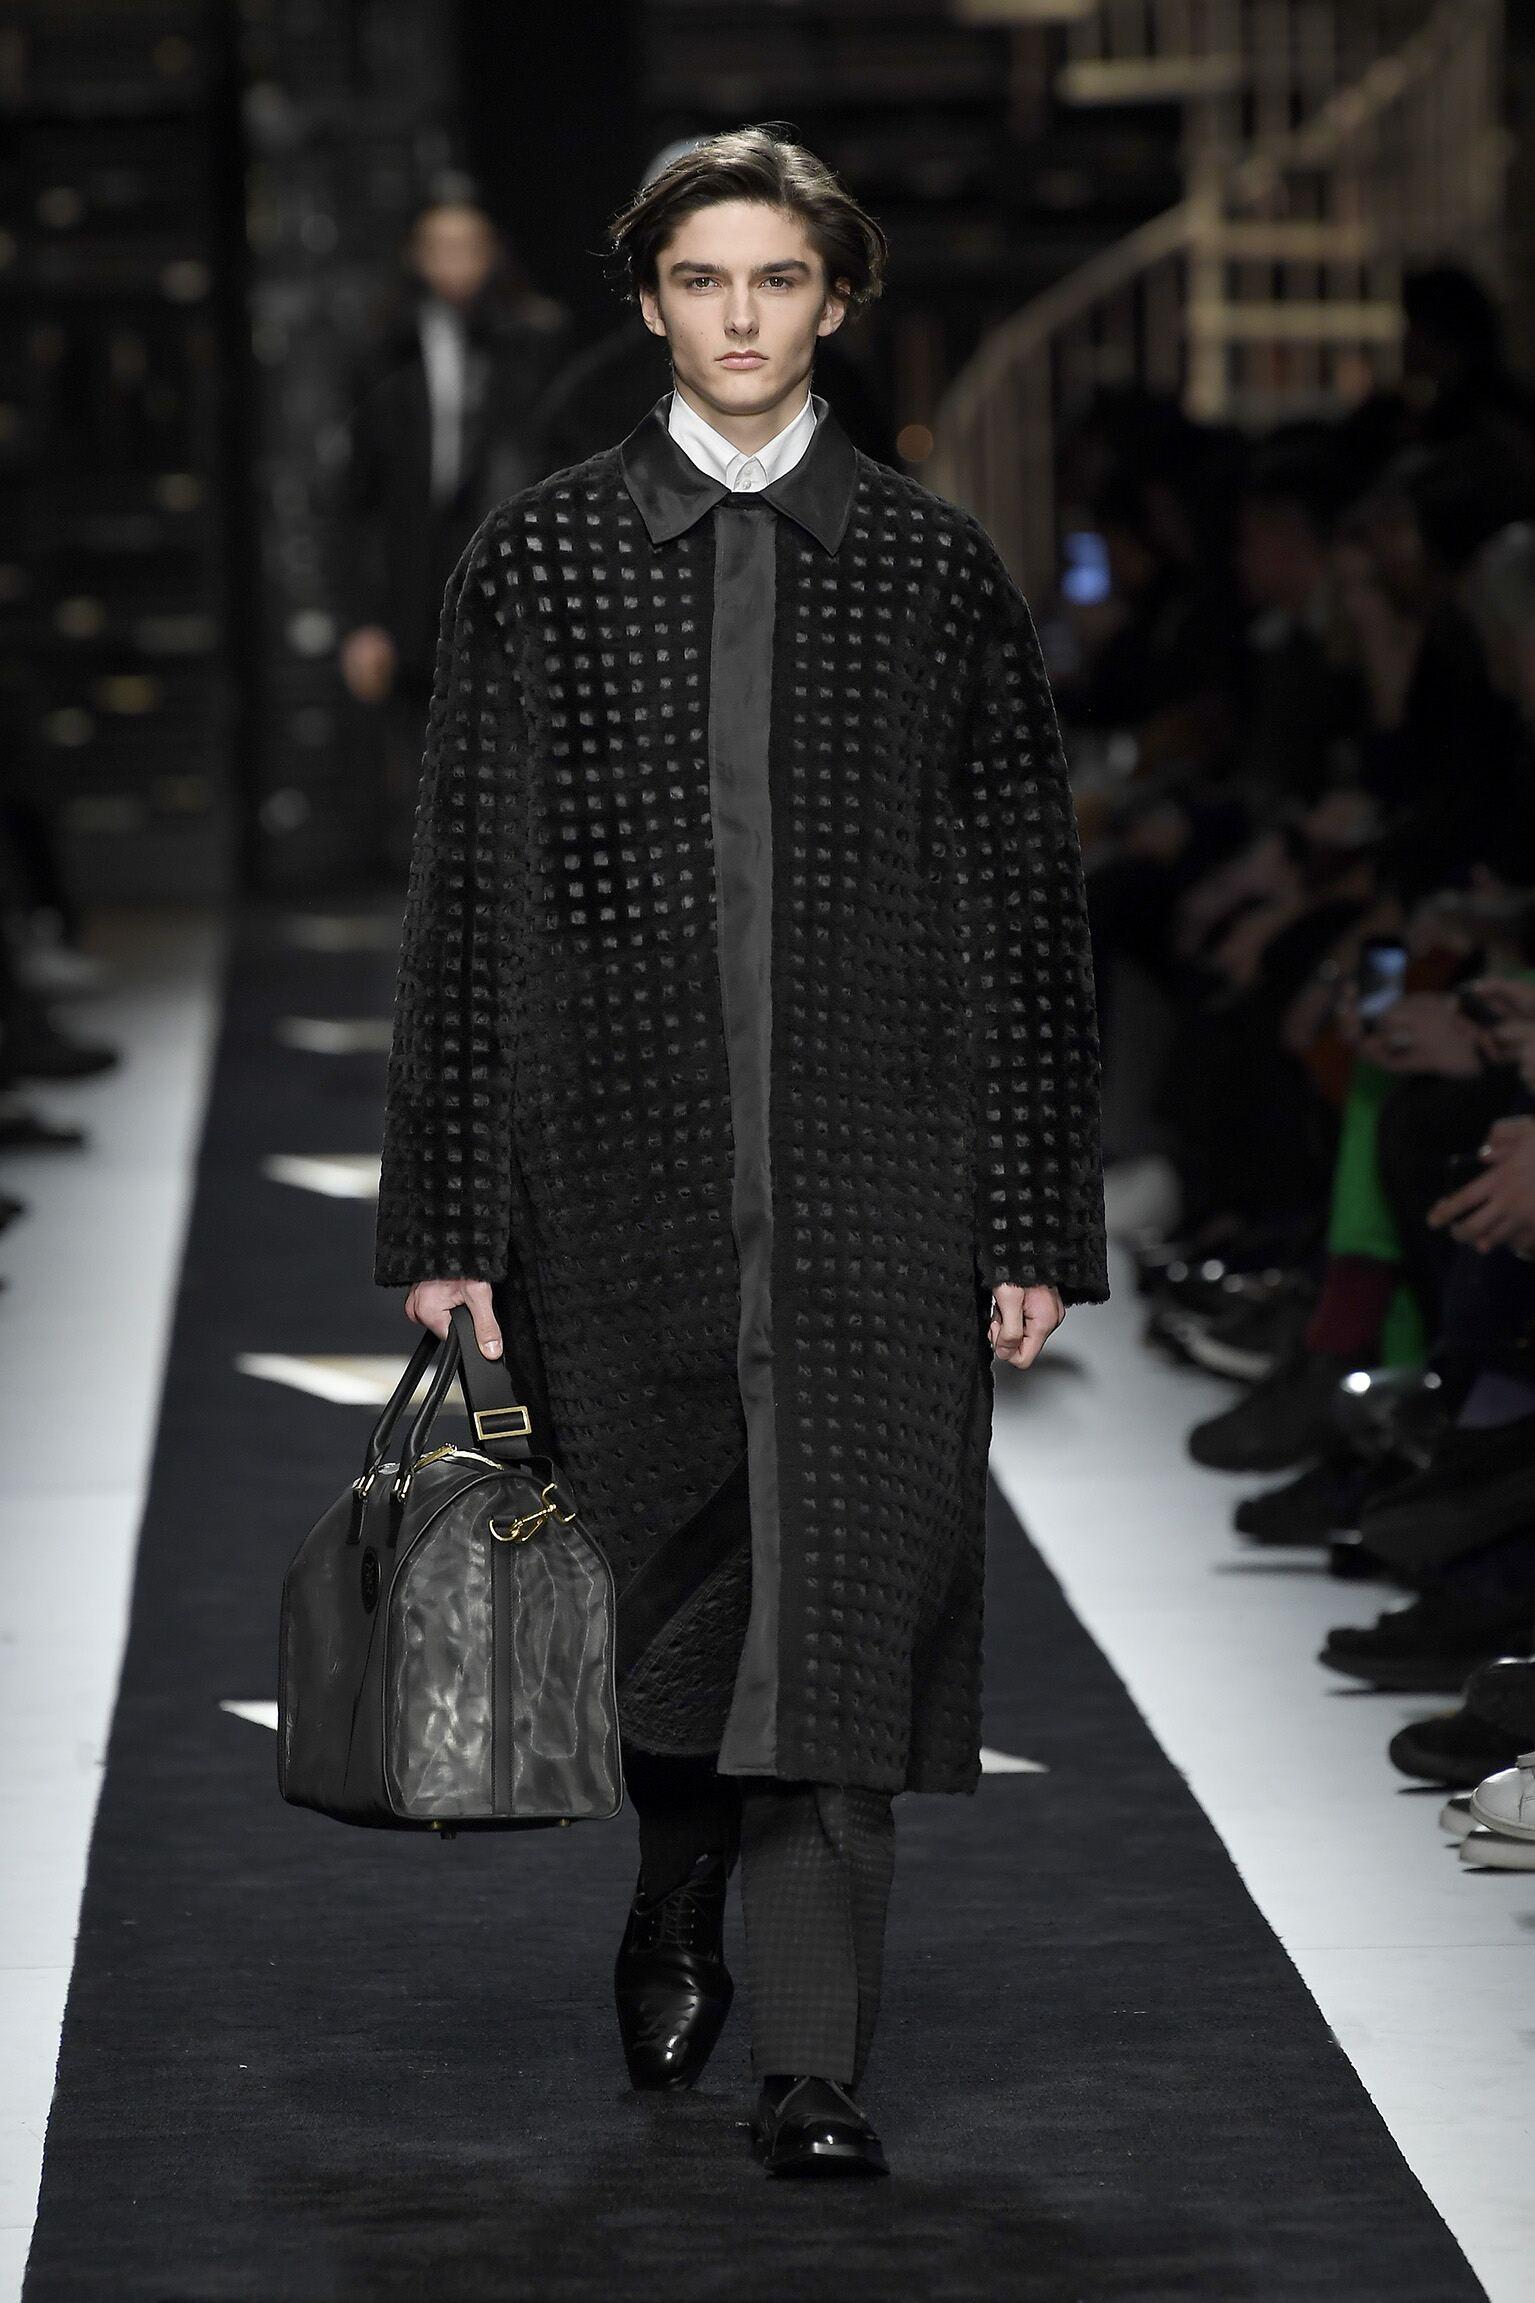 Fendi Menswear Collection Trends